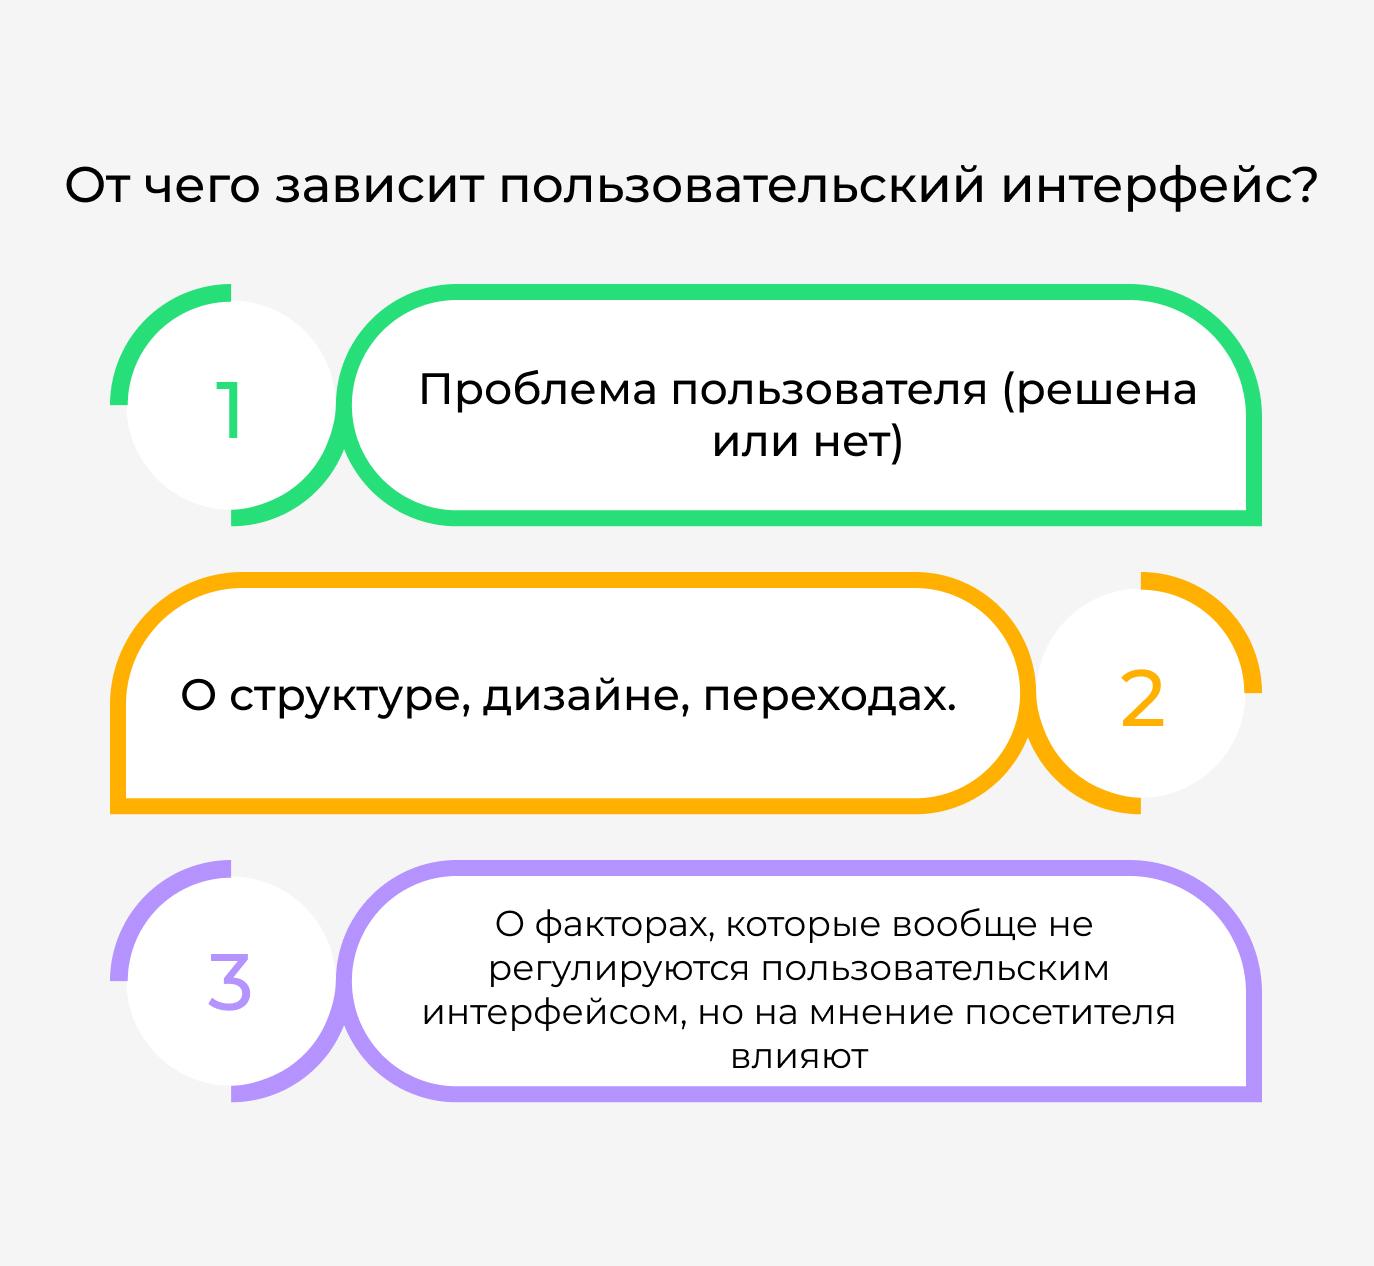 Пользовательский интерфейс – зависит ли он только от дизайнера и как он влияет на задачи бизнеса 2